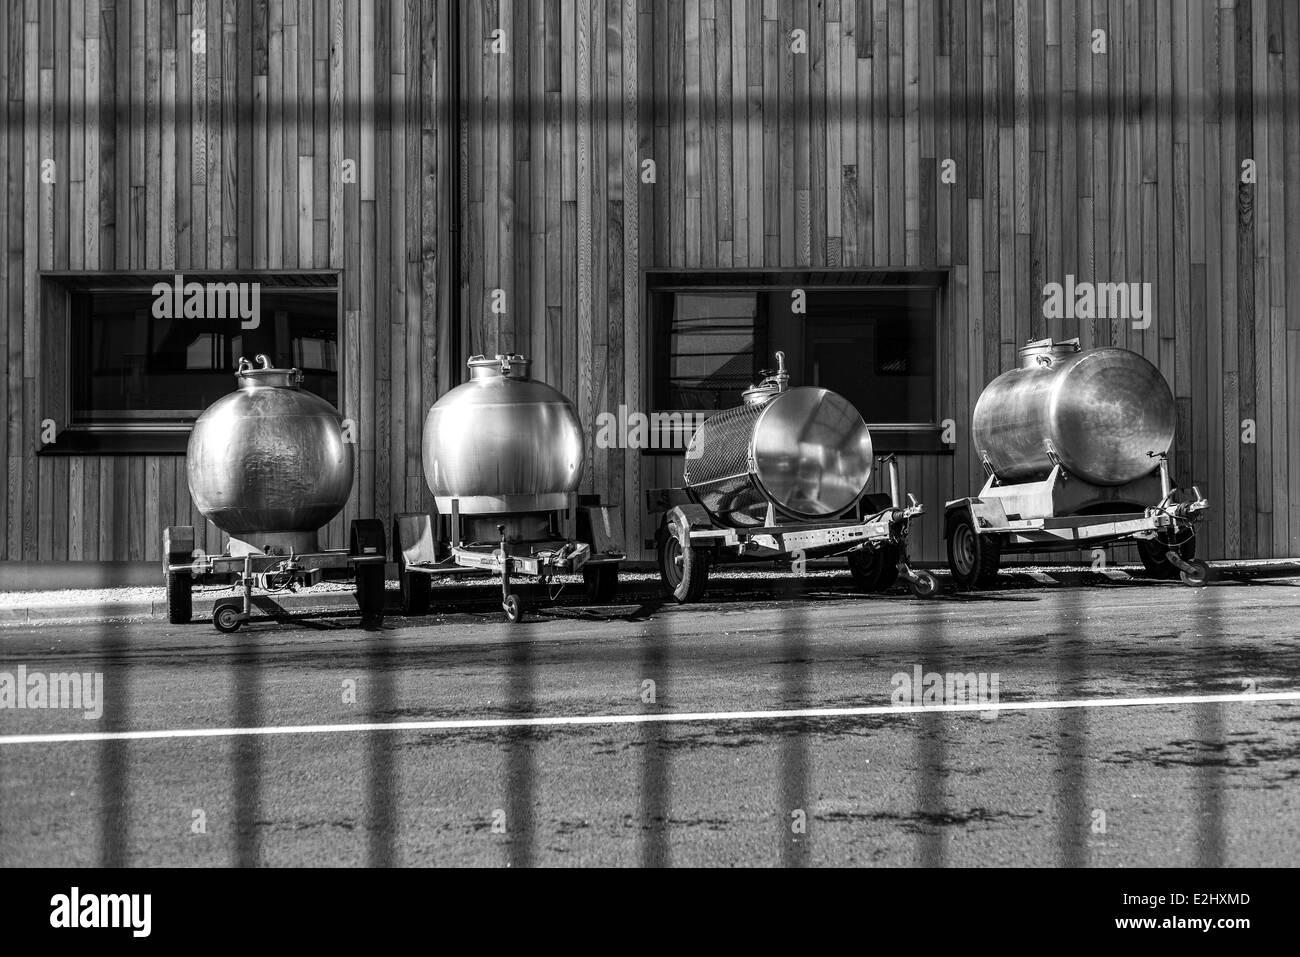 Los tanques de propano se alinearon en vehículos, remolques, lPornic Loire-Atlantique, Francia Imagen De Stock